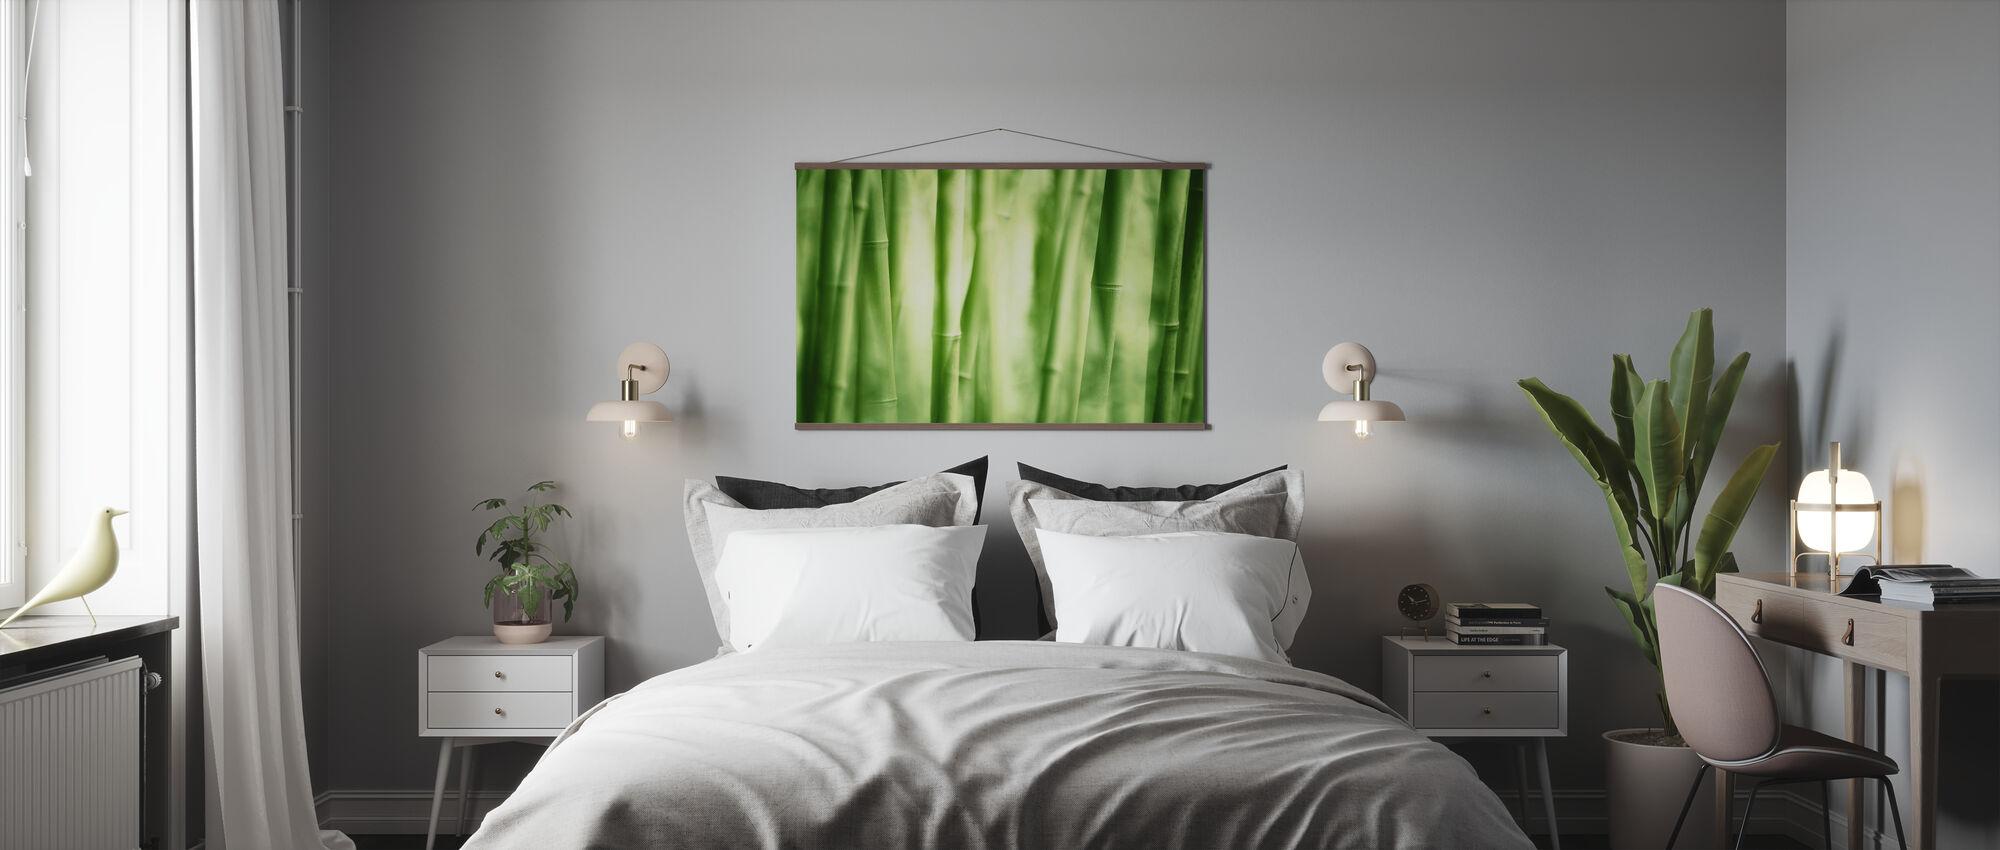 Bambus Løvverk - Plakat - Soverom